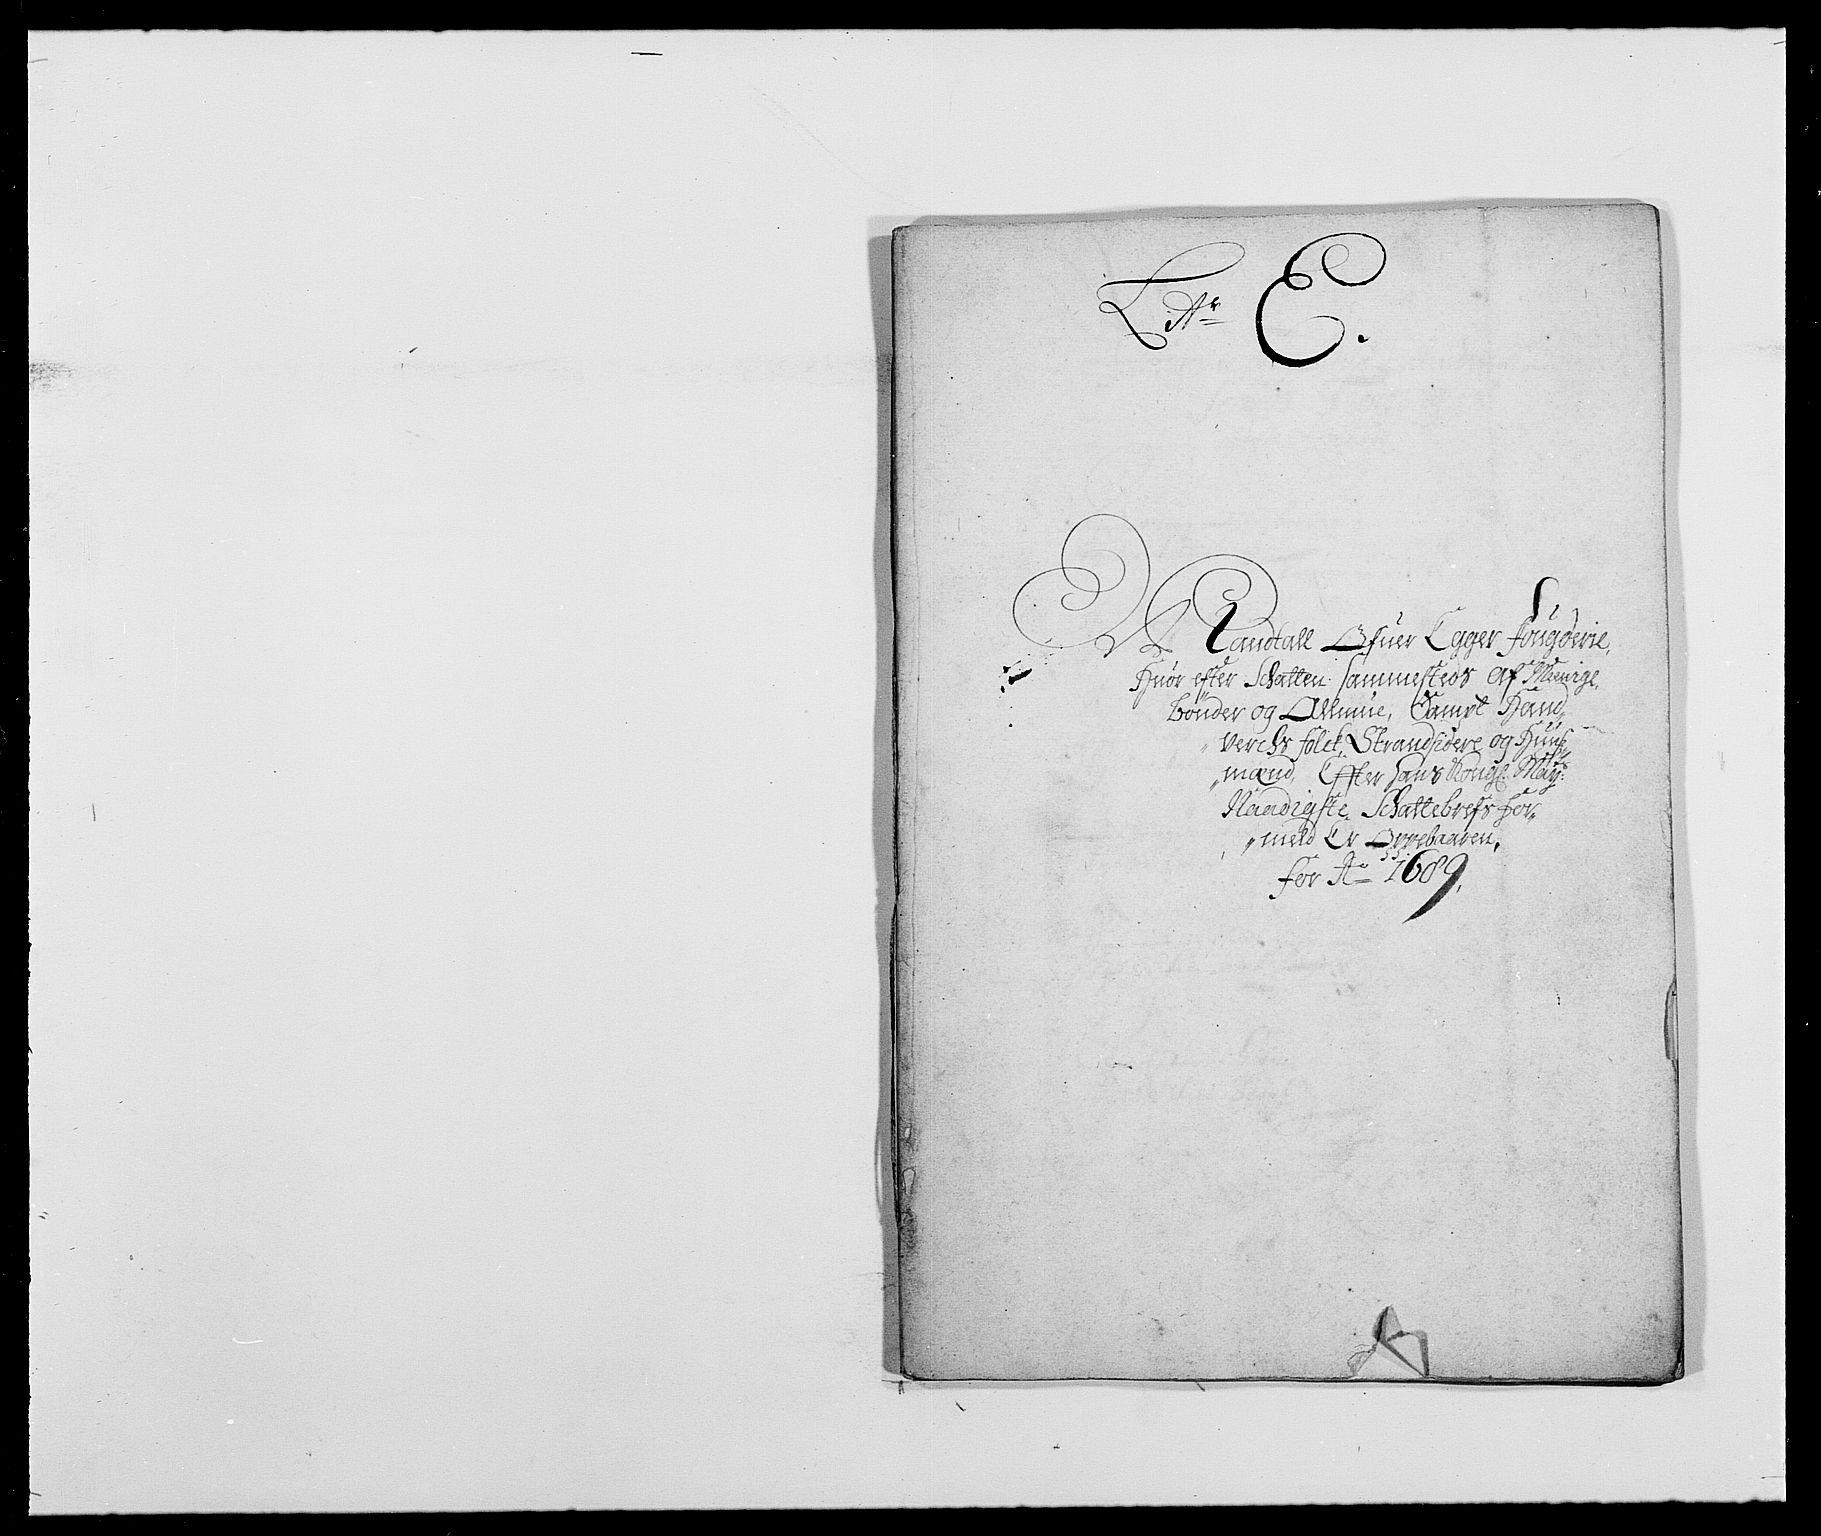 RA, Rentekammeret inntil 1814, Reviderte regnskaper, Fogderegnskap, R28/L1688: Fogderegnskap Eiker og Lier, 1687-1689, s. 368